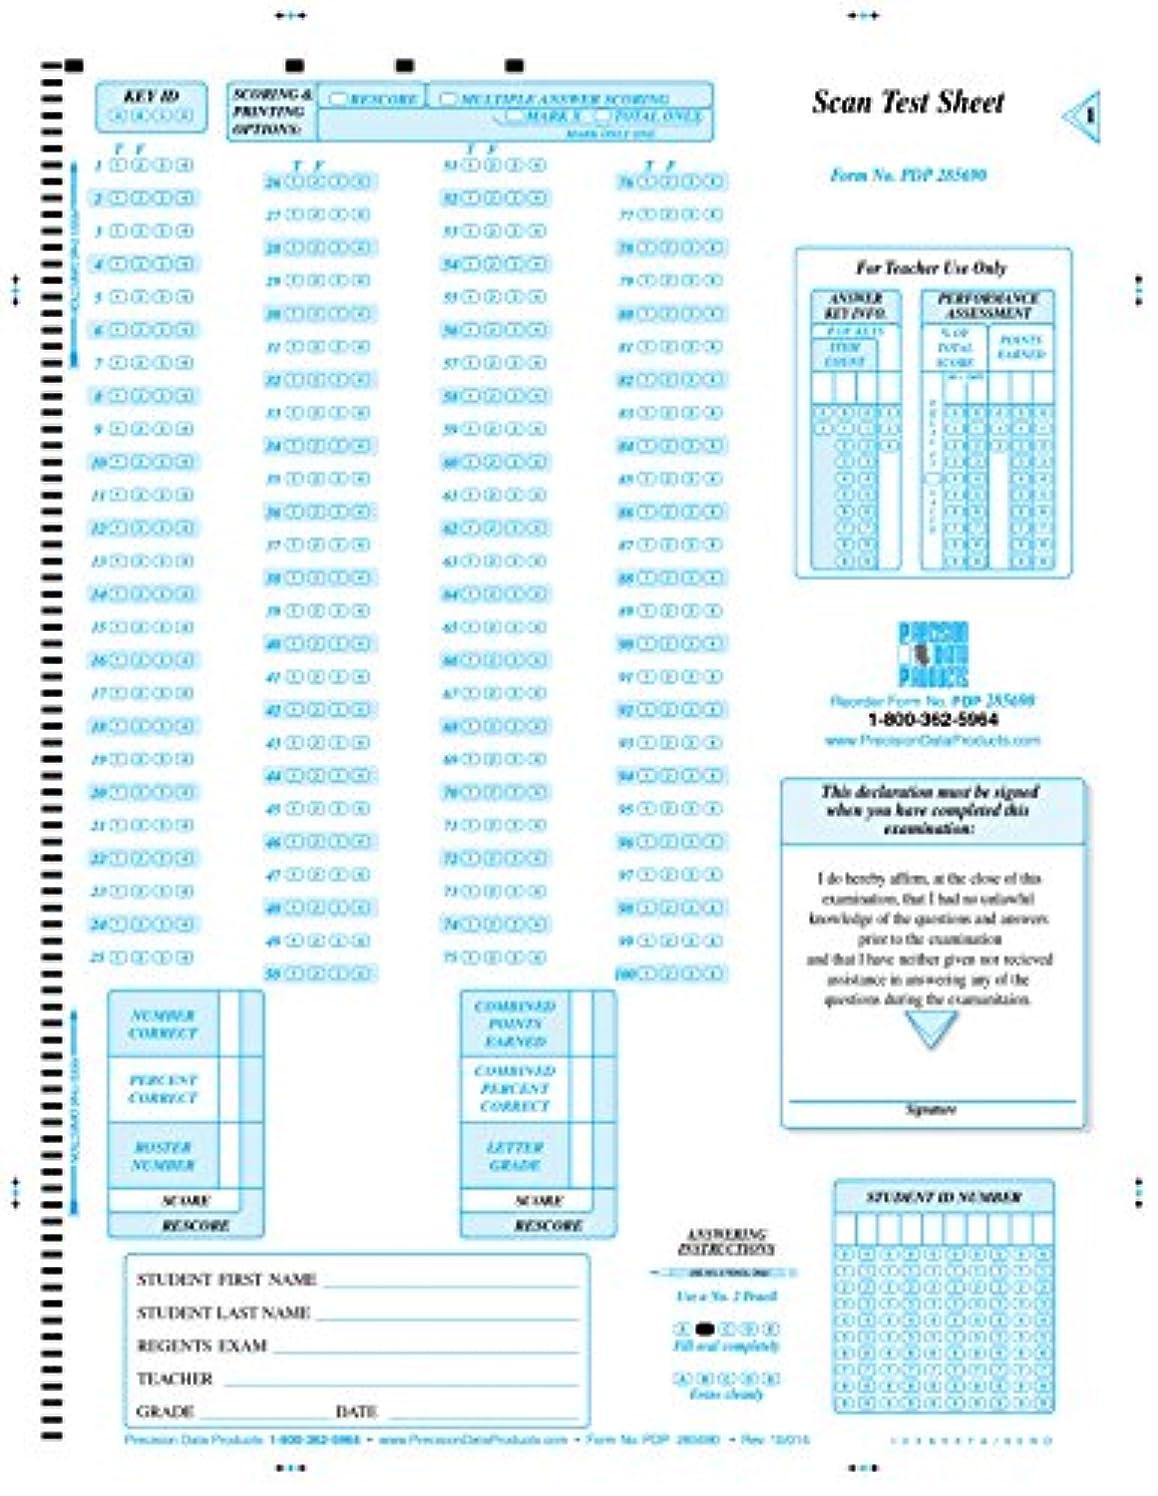 不名誉特権的負担PDP - 285690 ( 100 / Pkg、NY互換摂政テストフォーム